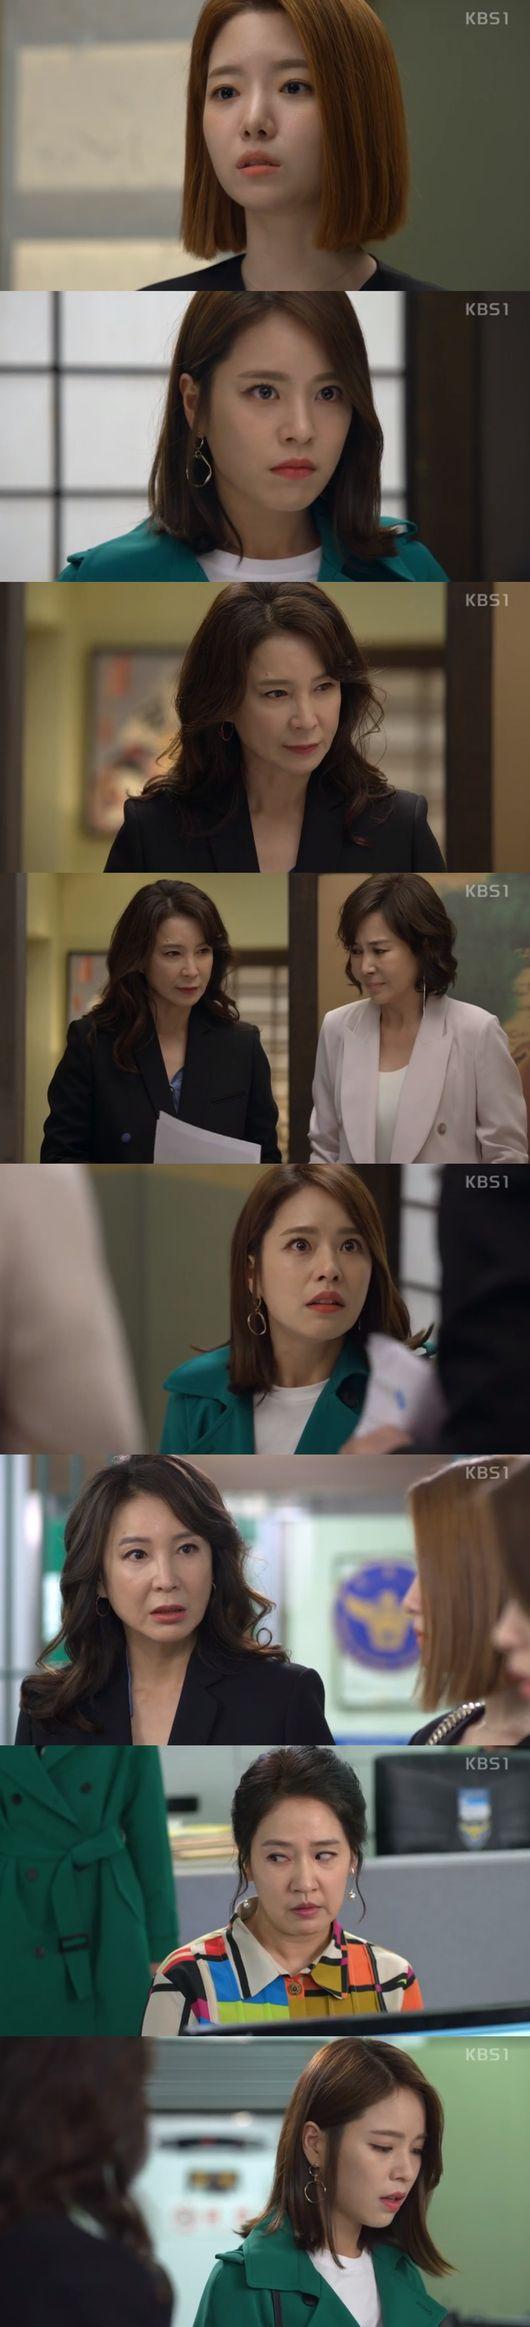 [종합]'내일도맑음' 하승리, 홍아름 가짜 딸 진실 밝혀냈다‥심혜진 충격